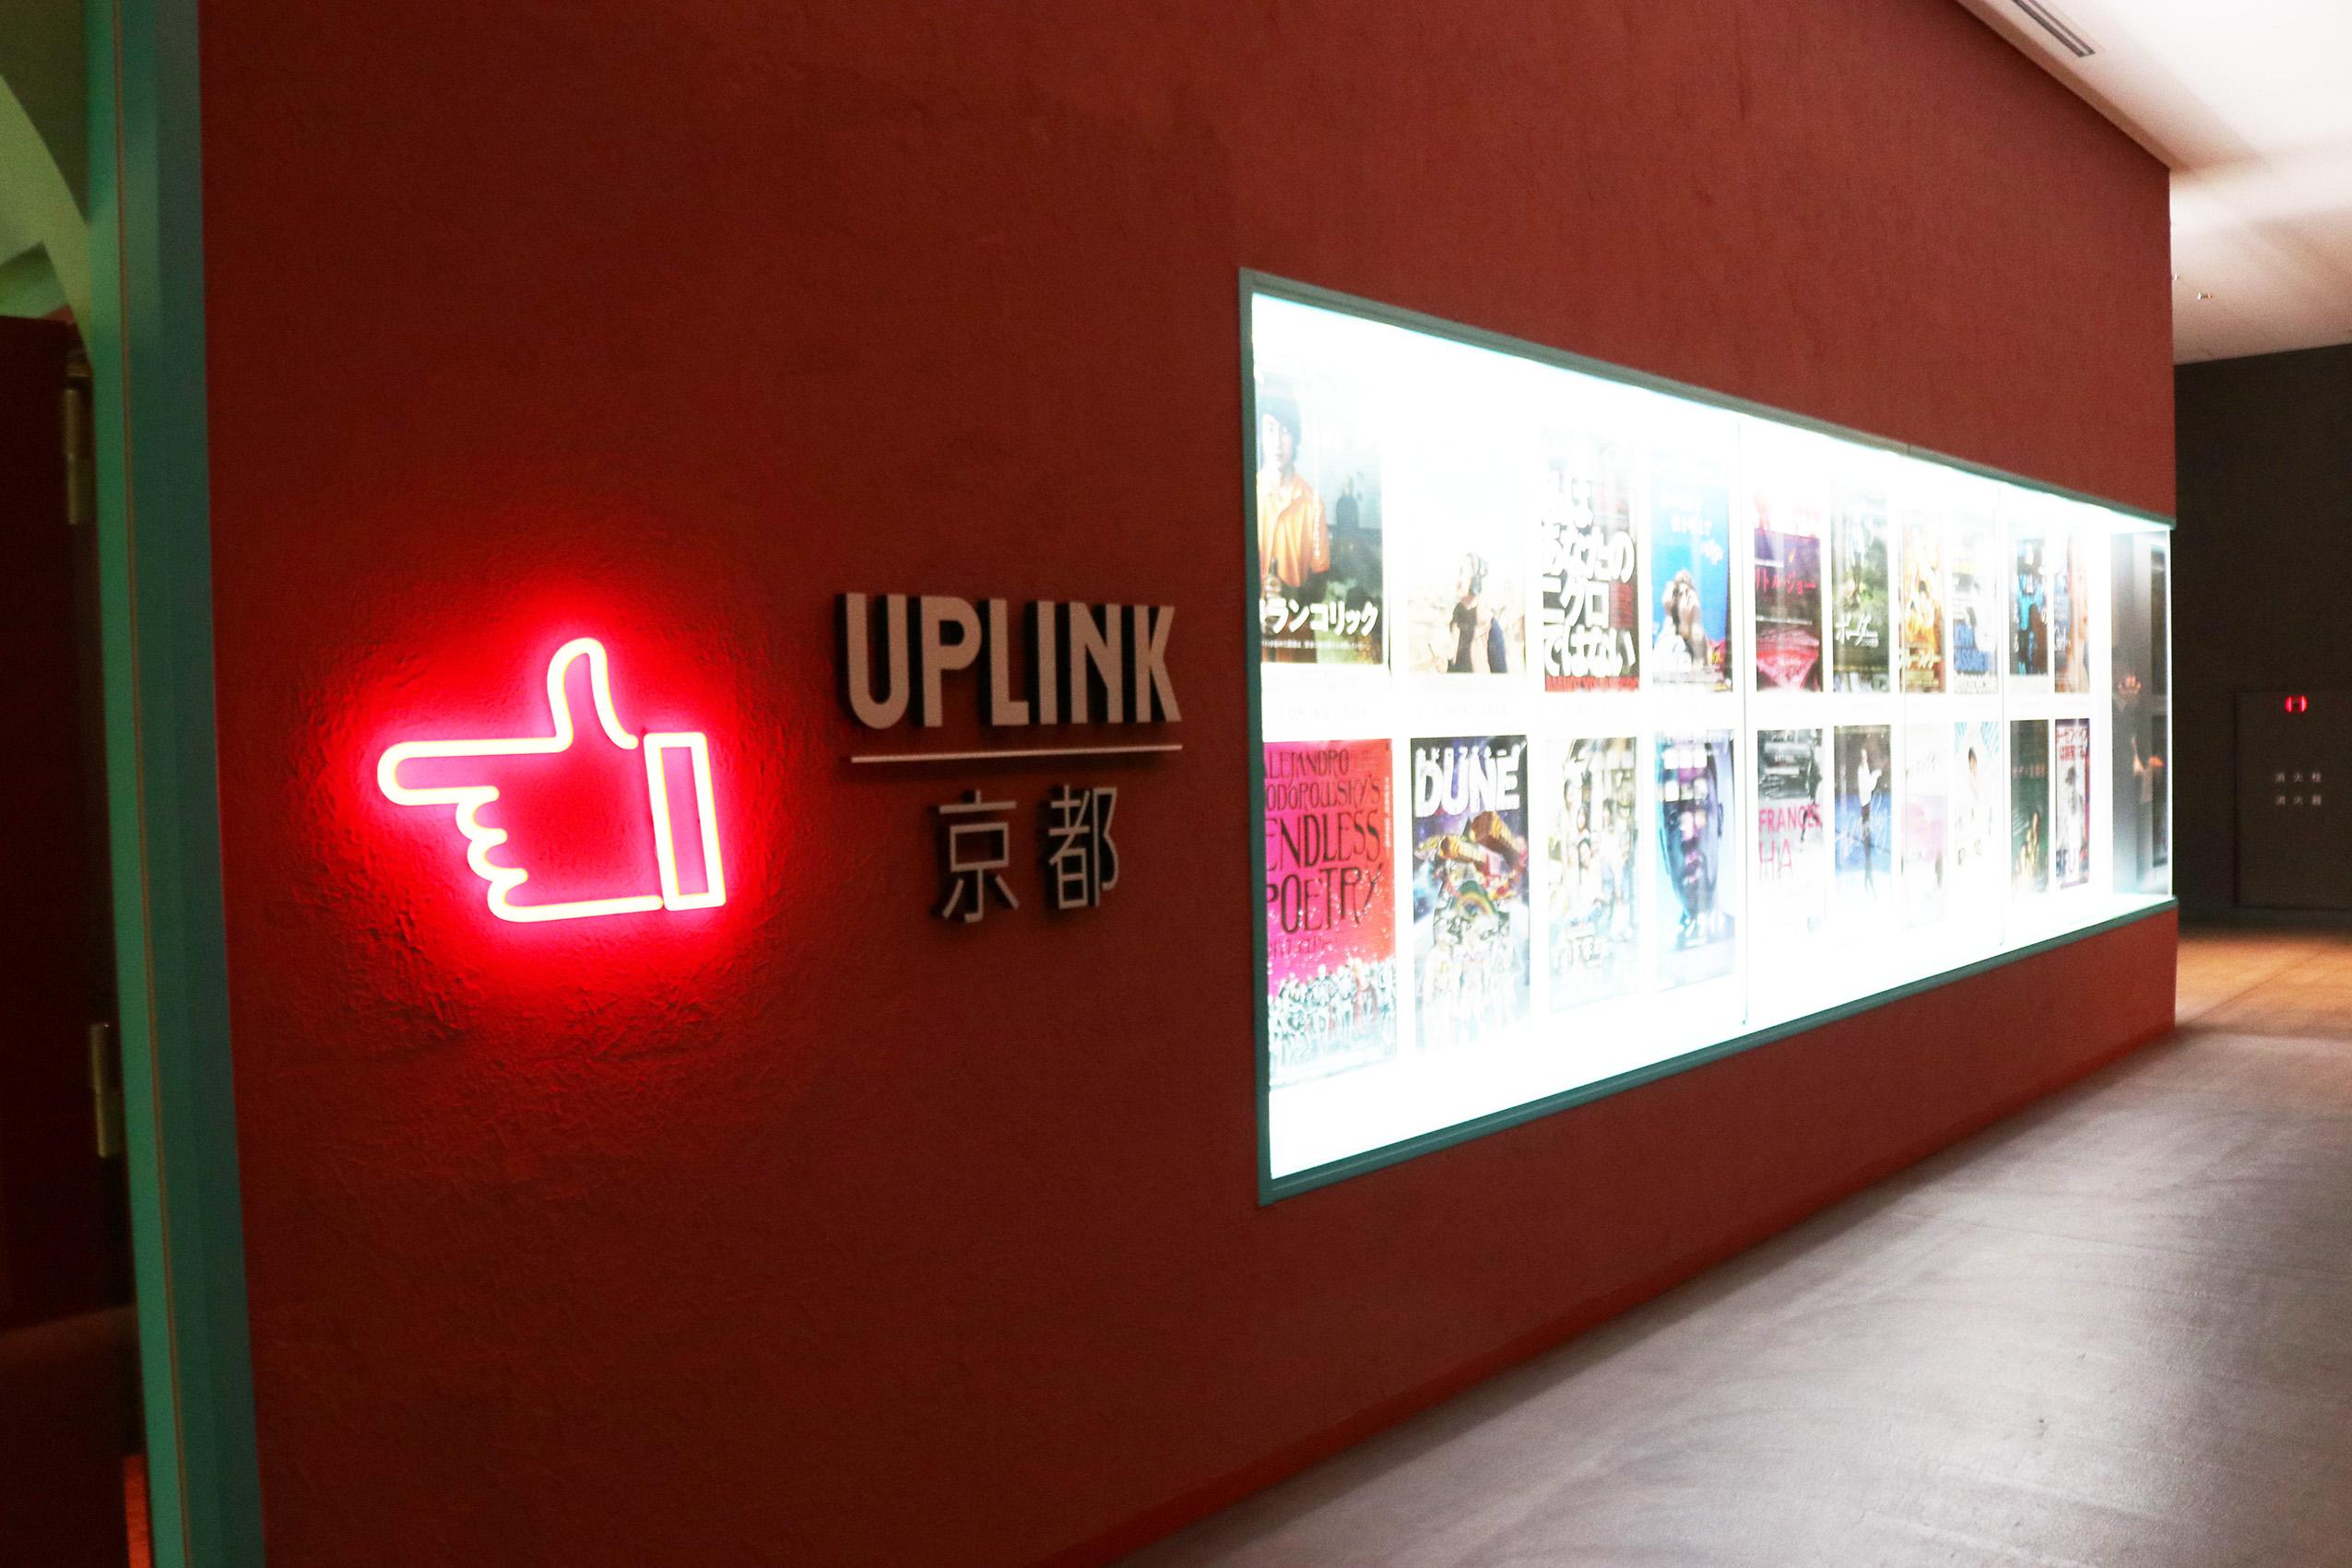 アップリンクは「新風館」の地下1階に位置